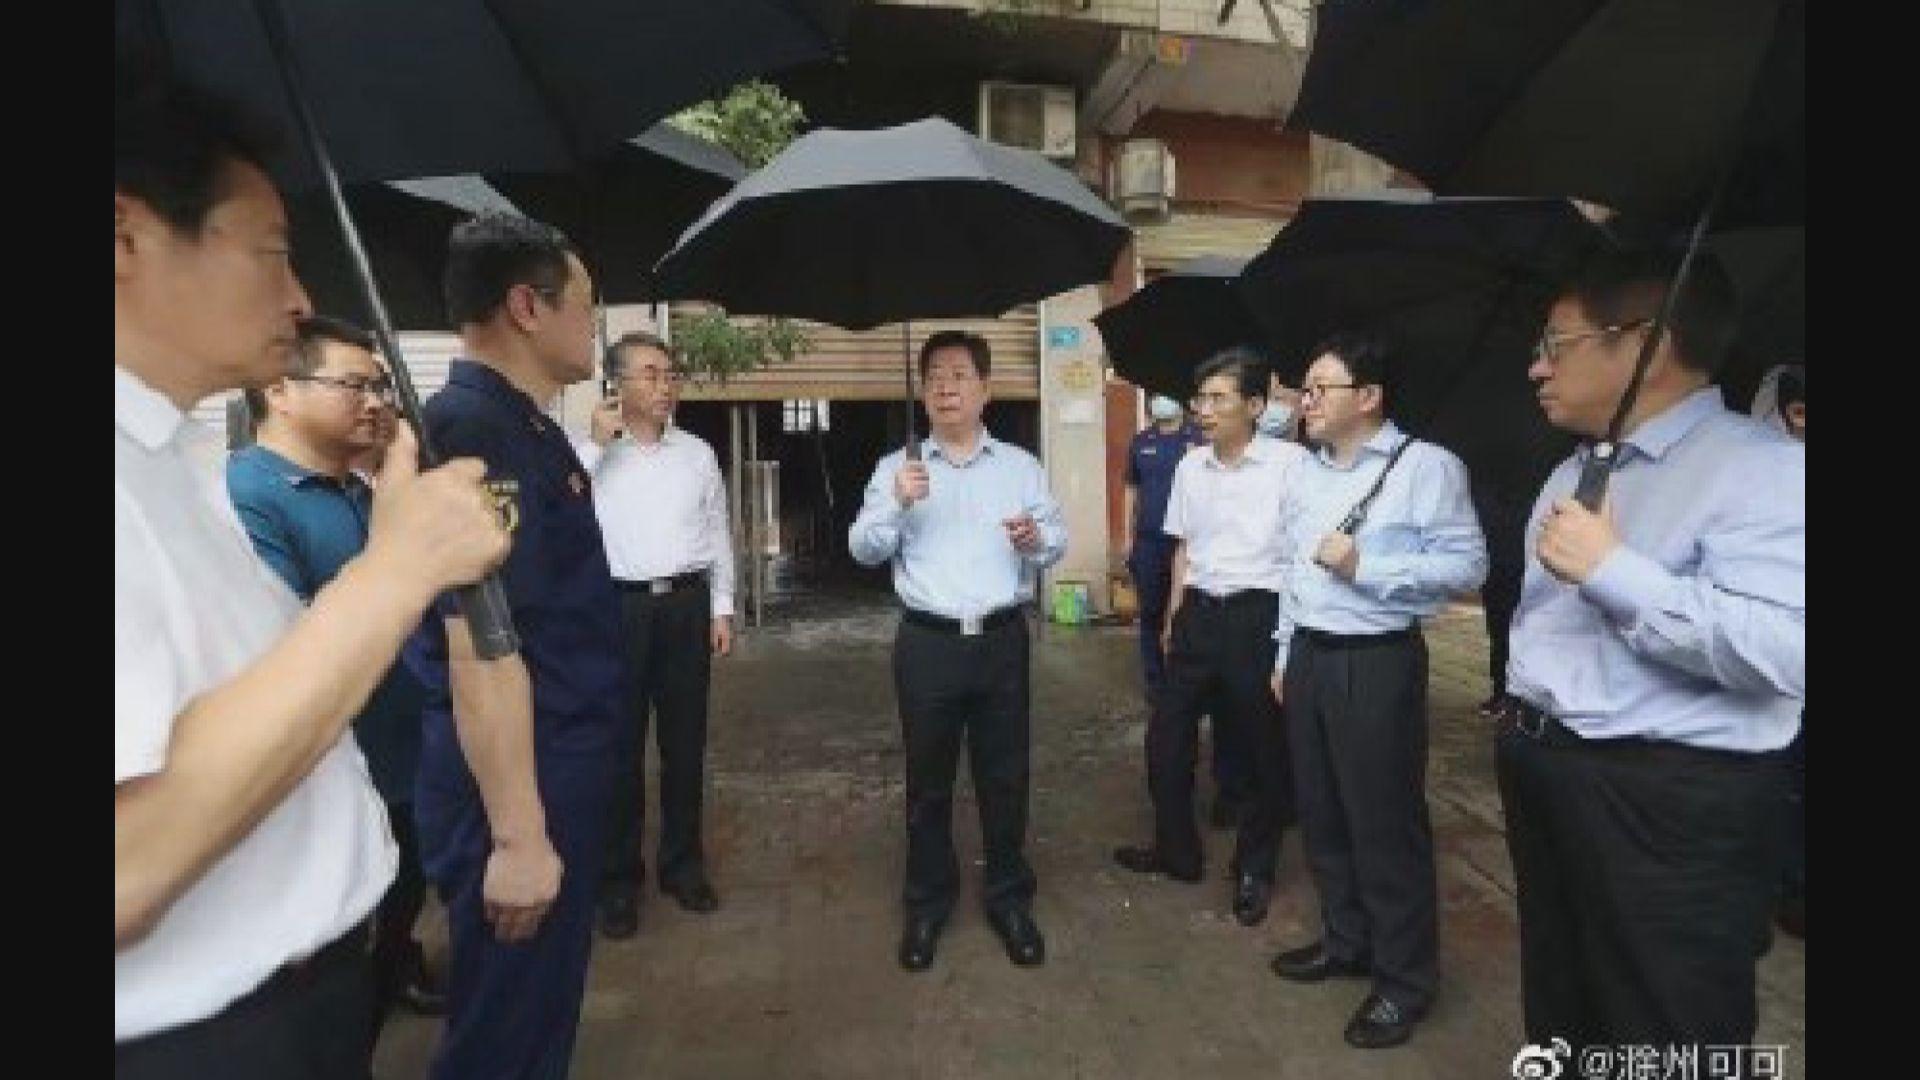 河南武術館火災 省委書記要求展開地氈式除患排險工作